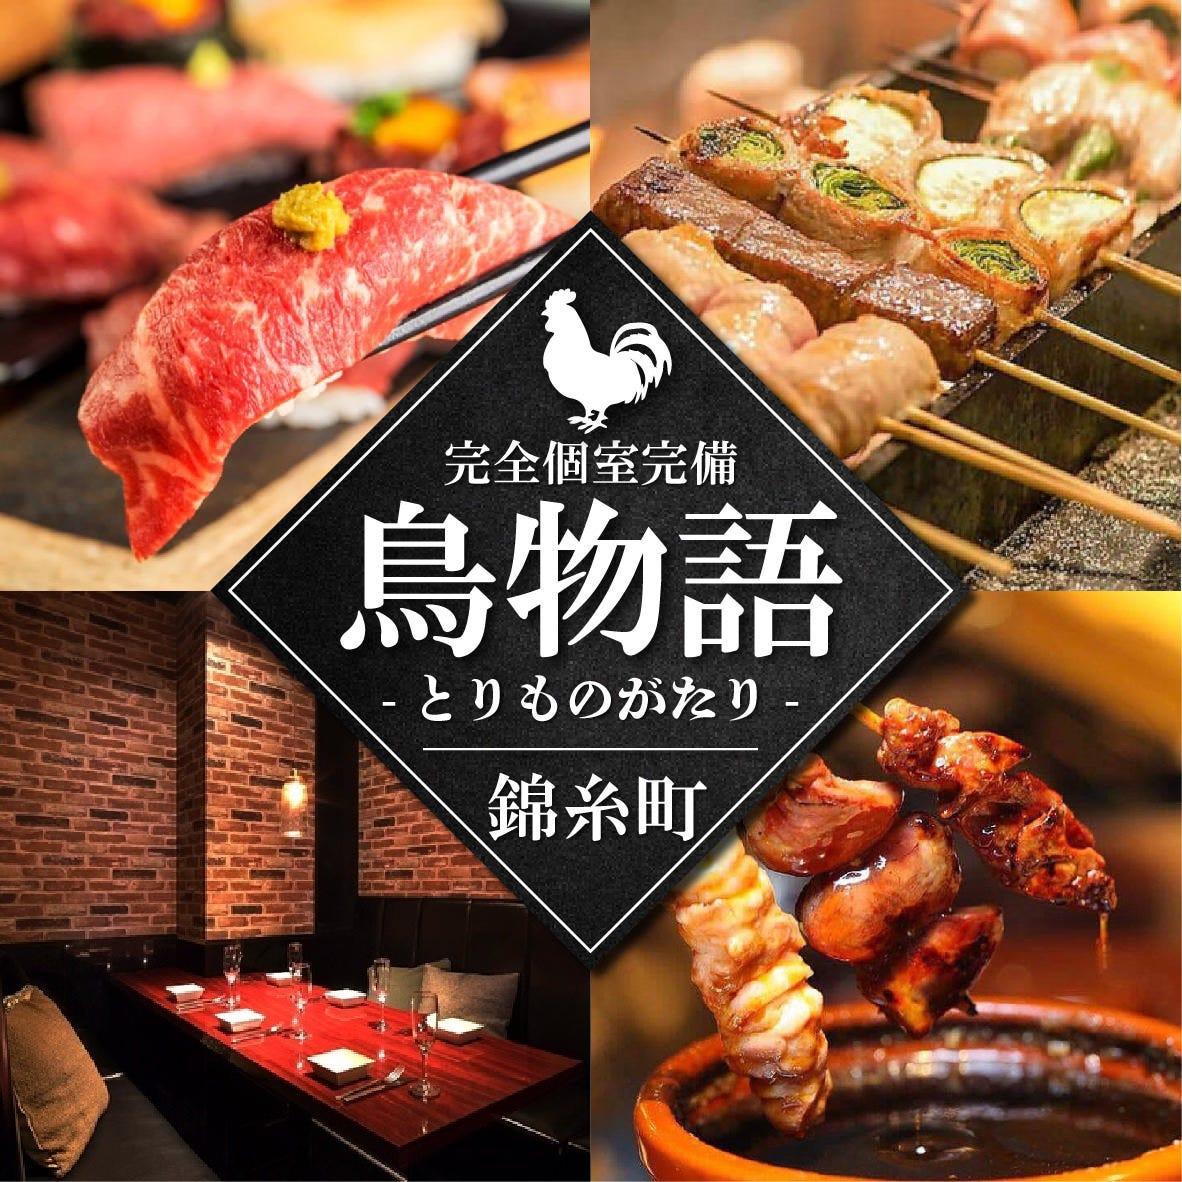 焼き鳥 肉寿司 食べ放題 飲み放題 個室居酒屋 鳥物語 錦糸町店